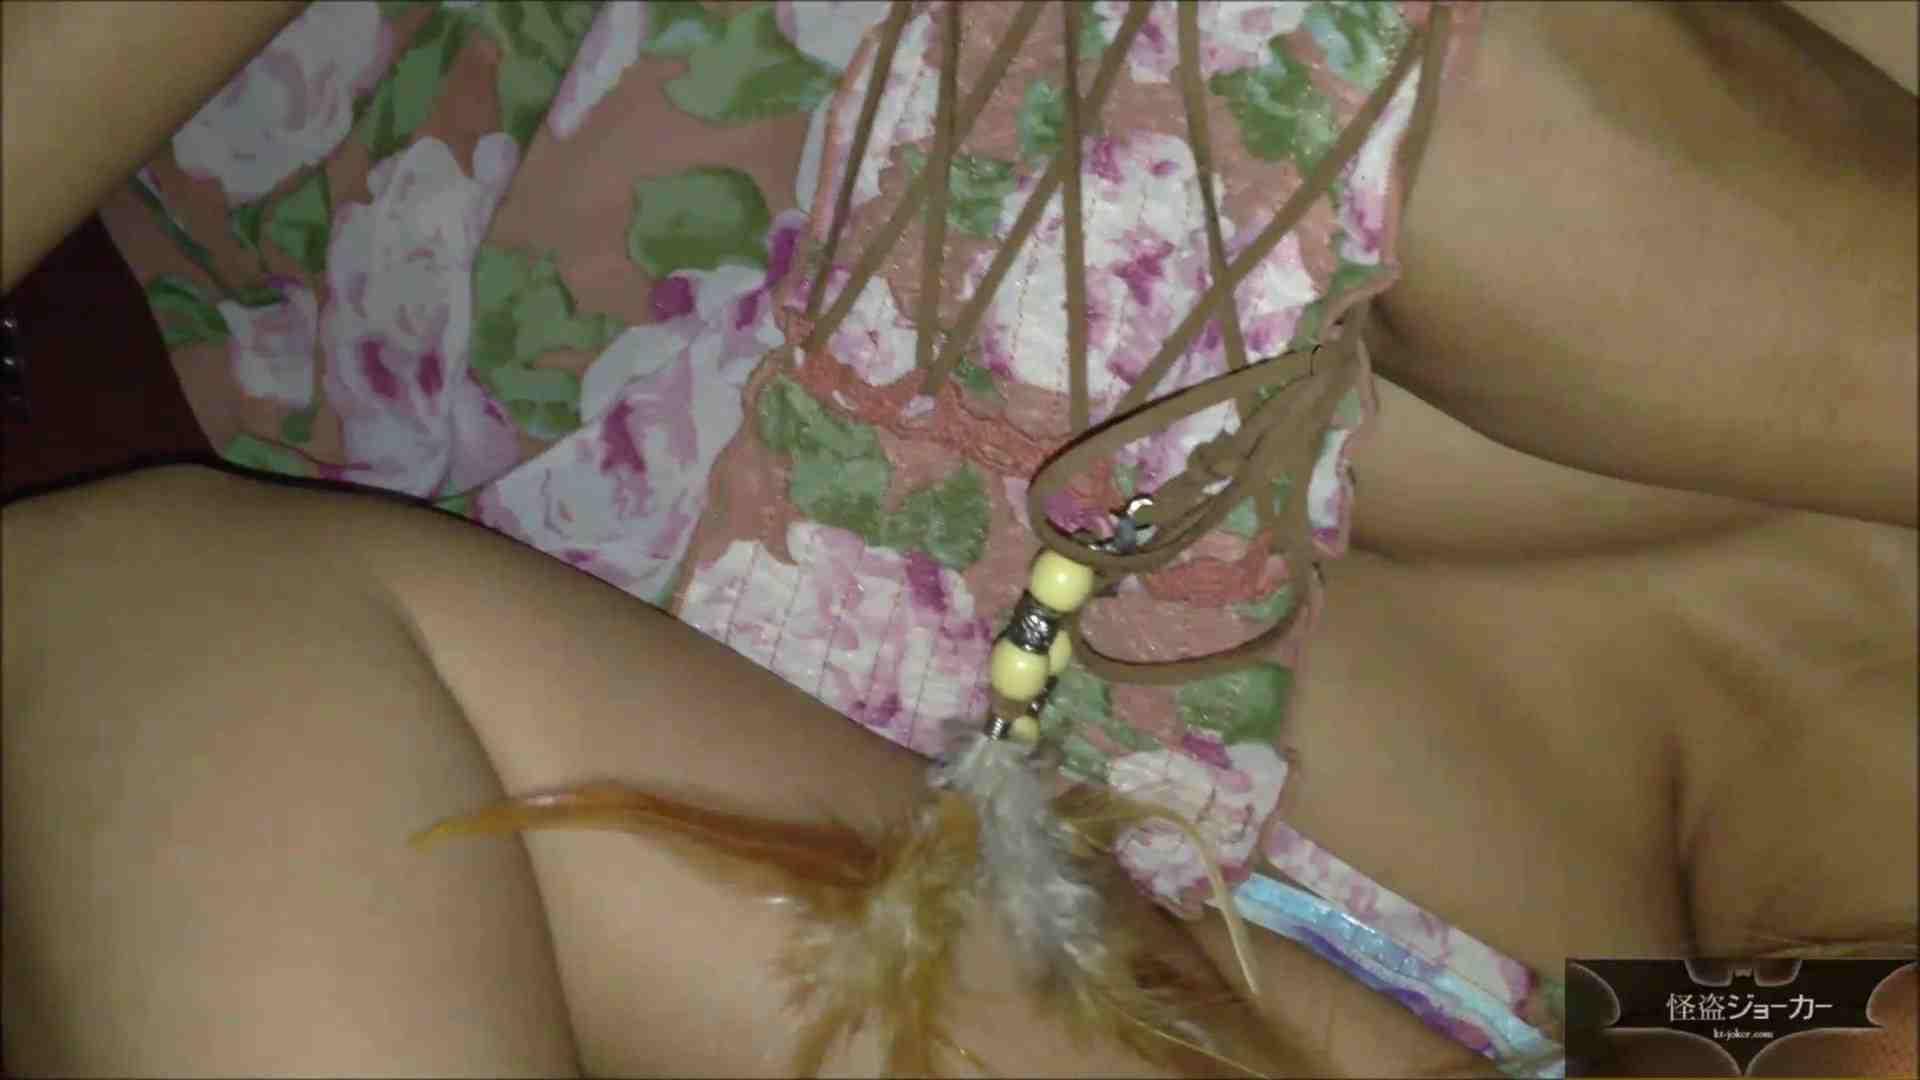 【未公開】vol.68{BLENDA系美女}UAちゃん_甘い香りと生臭い香り お姉さん攻略 おまんこ無修正動画無料 102画像 66